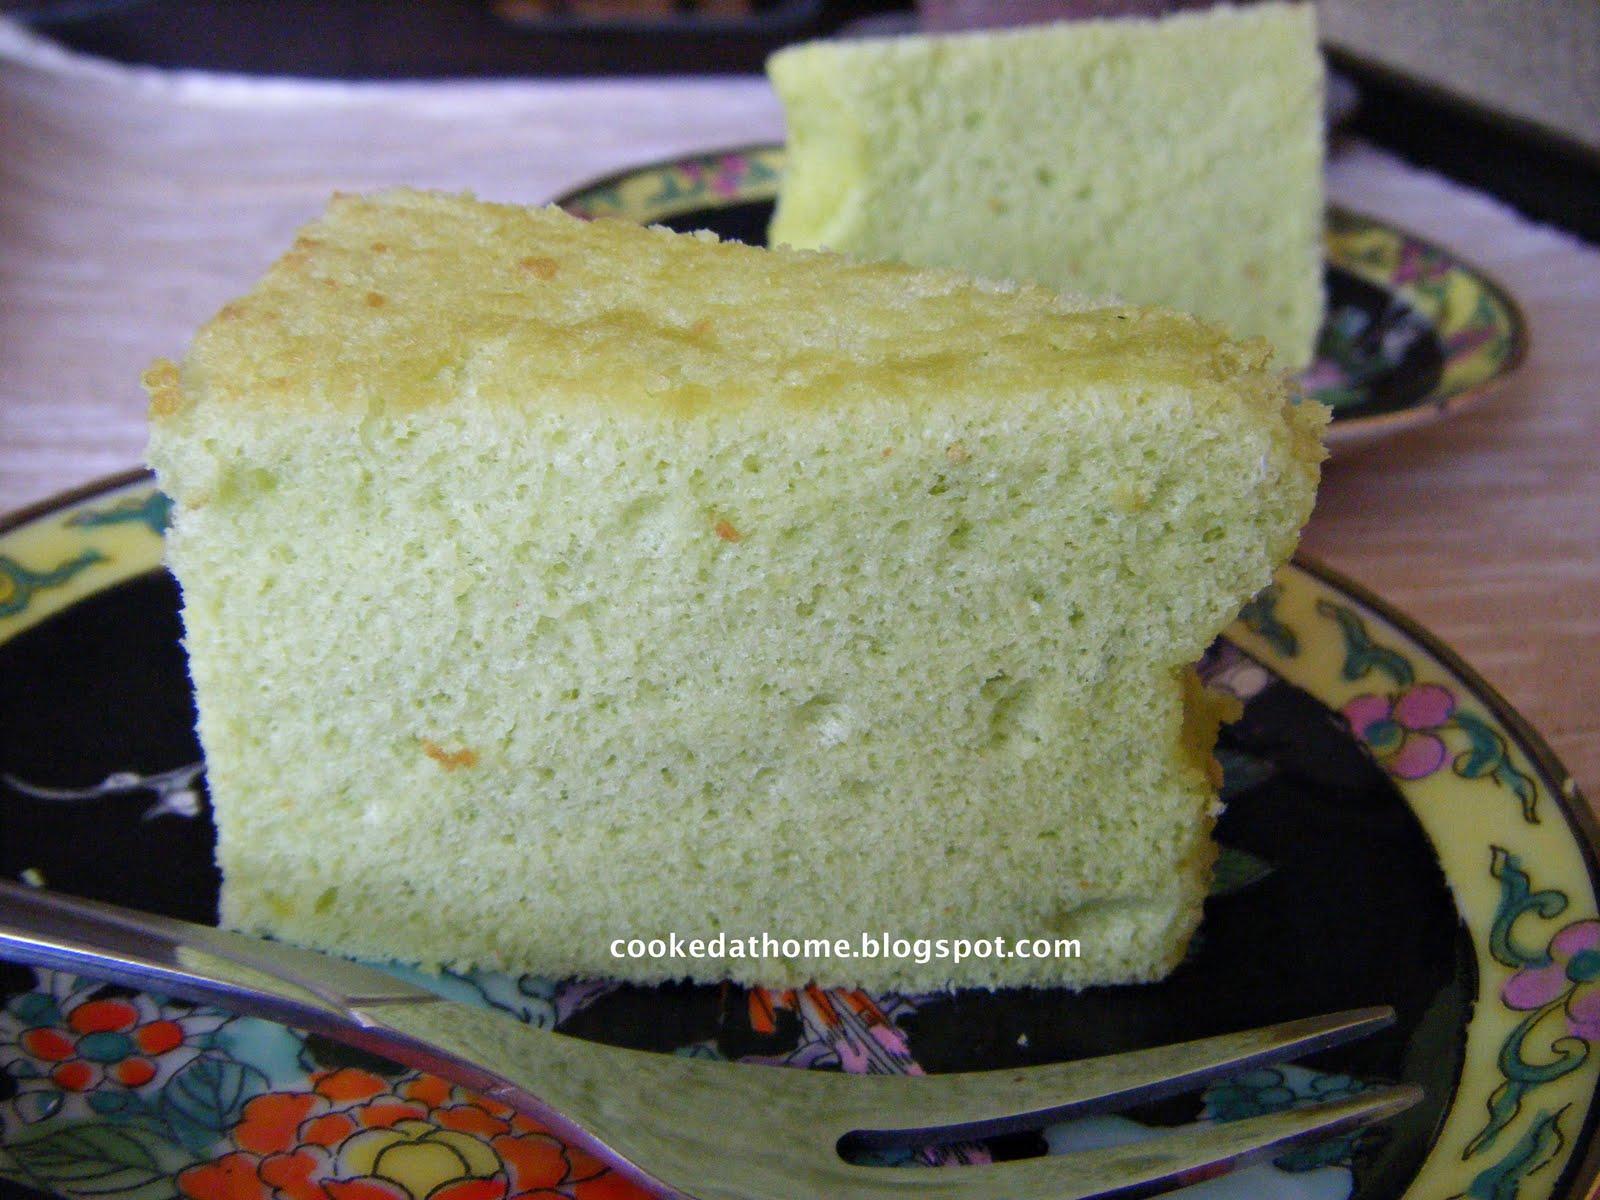 Cooking @ Home: Pandan Chiffon Cake